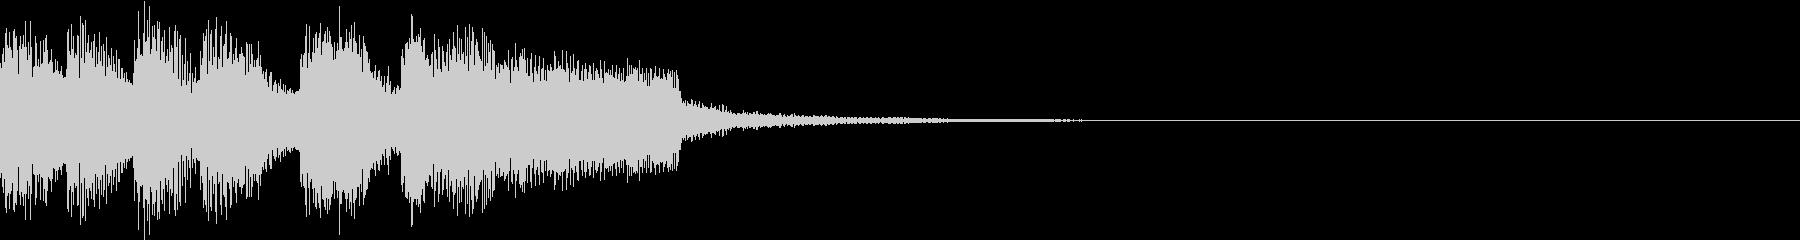 ファンファーレ アイテム レベルアップCの未再生の波形